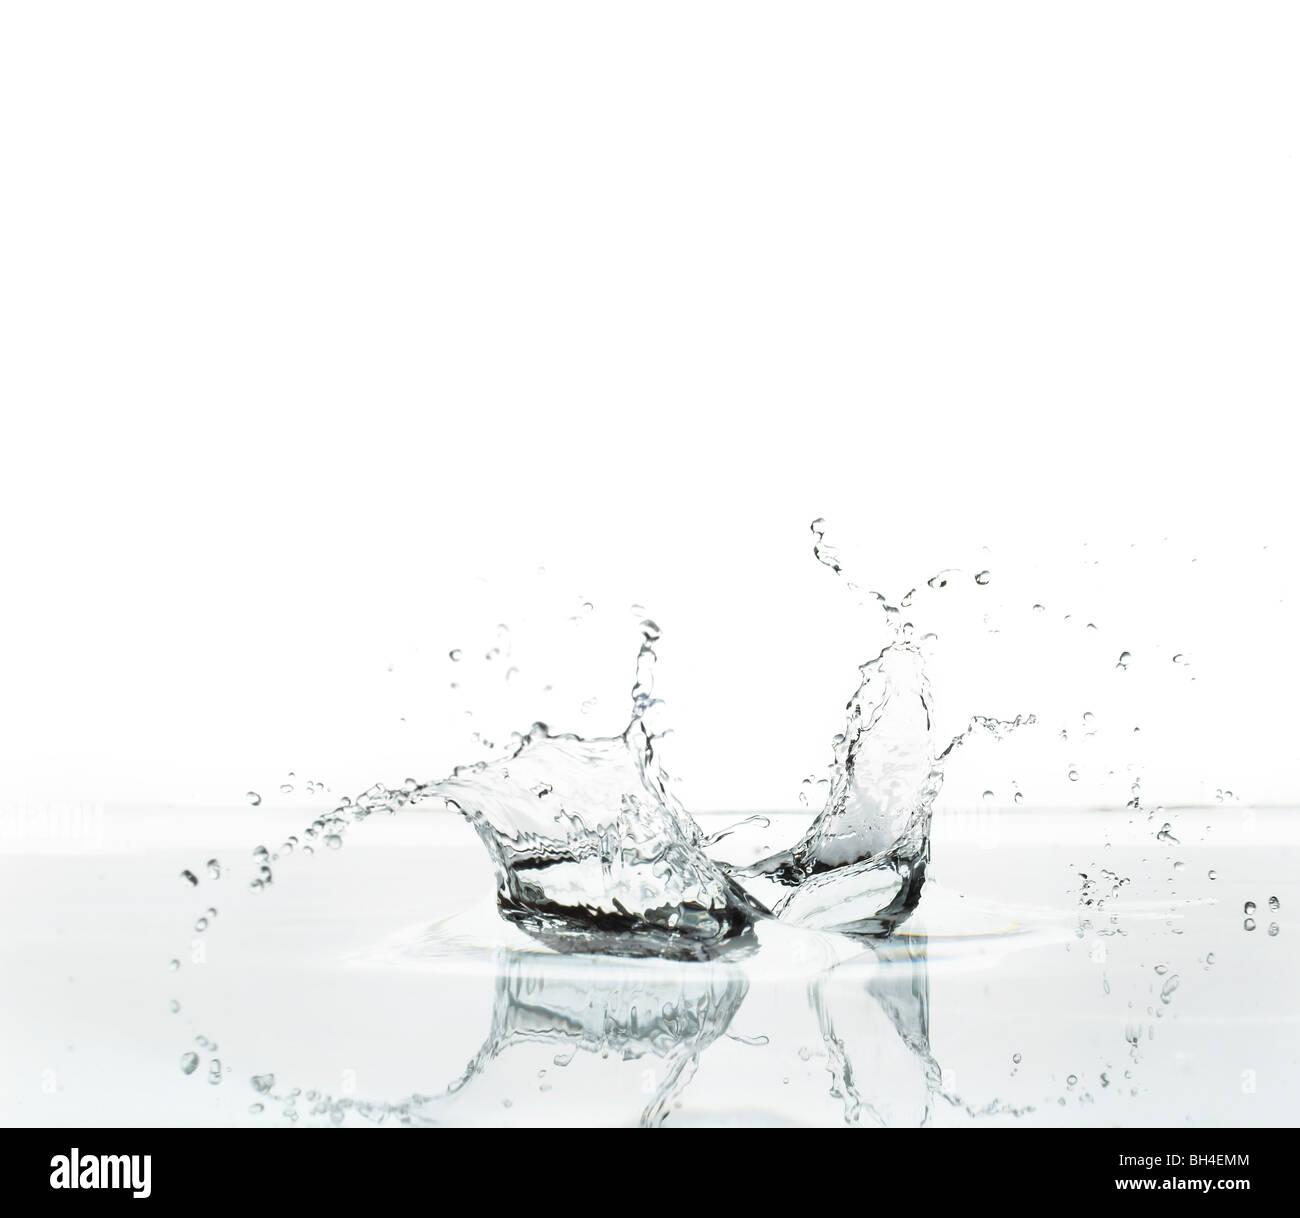 Splash d'eau sur un fond blanc Photo Stock